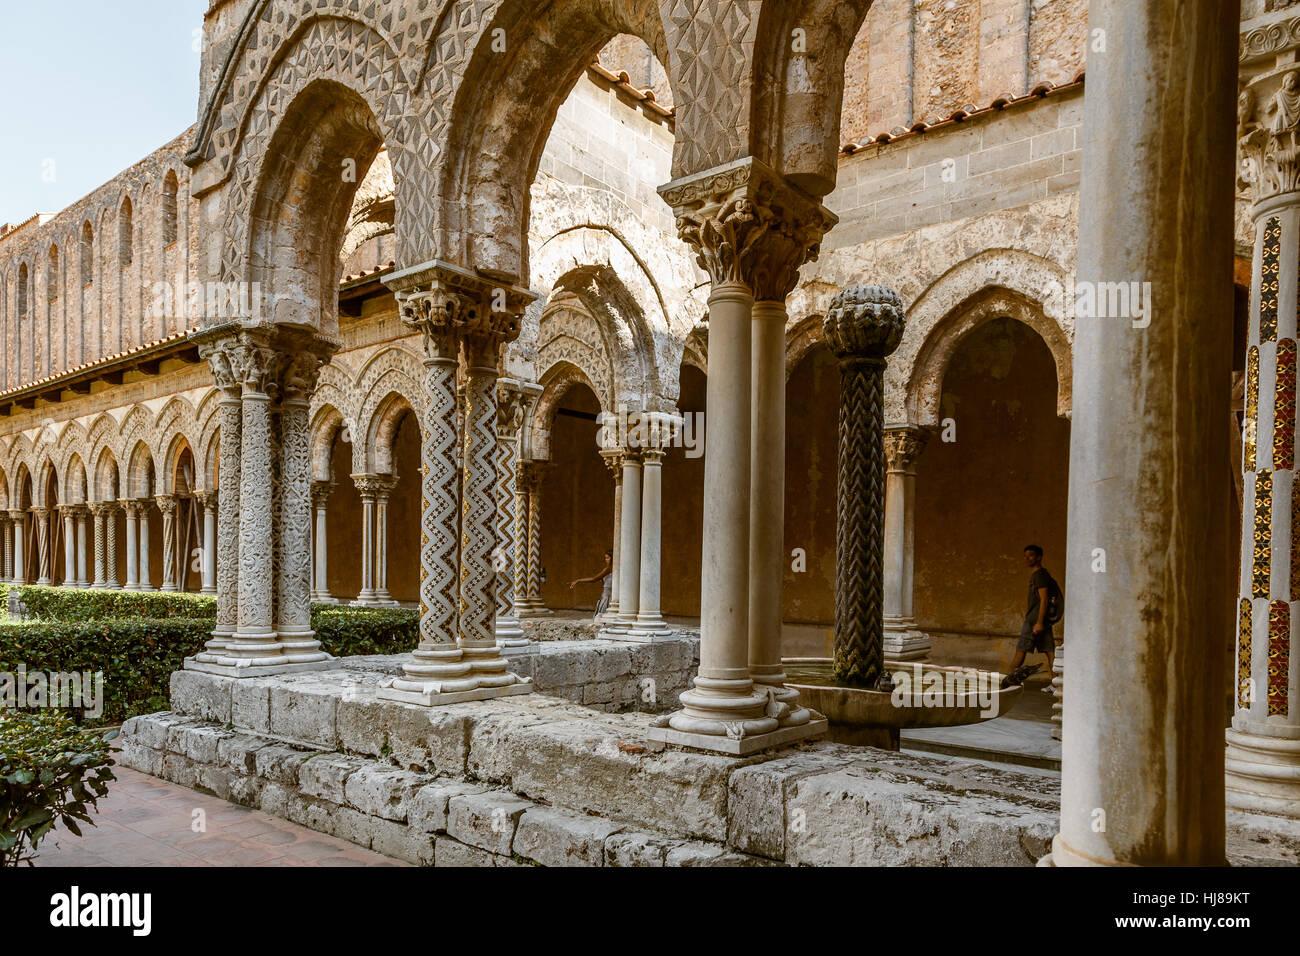 Kreuzgang des Doms von Monreale, Sizilien Stockbild